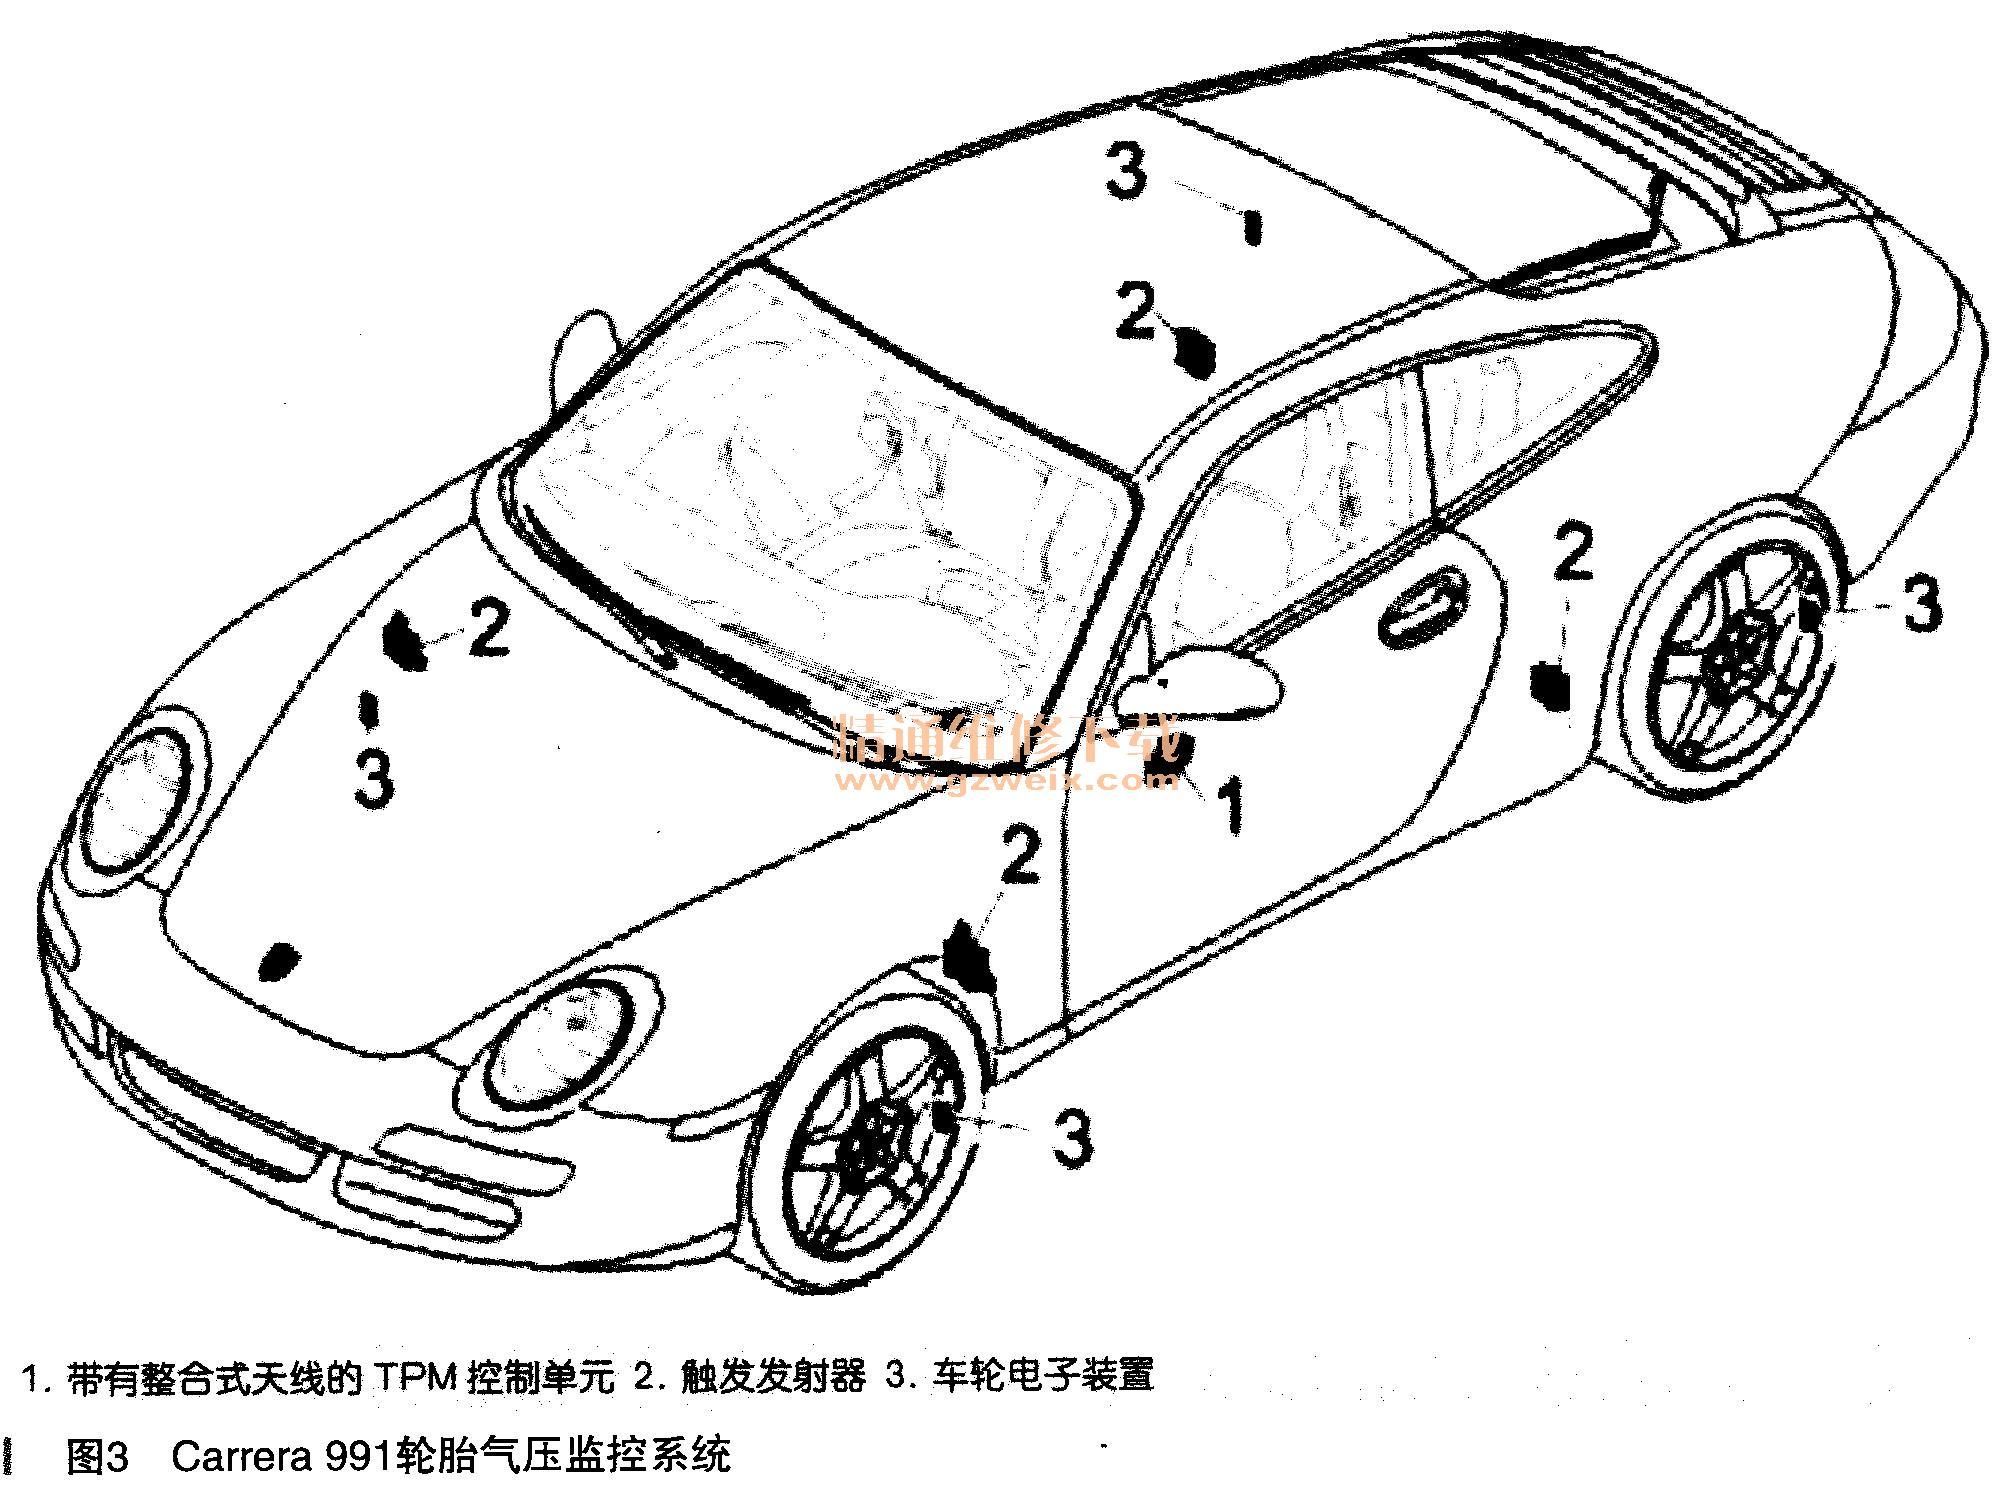 剖析保时捷轮胎气压监控系统(tpm)原理及维修